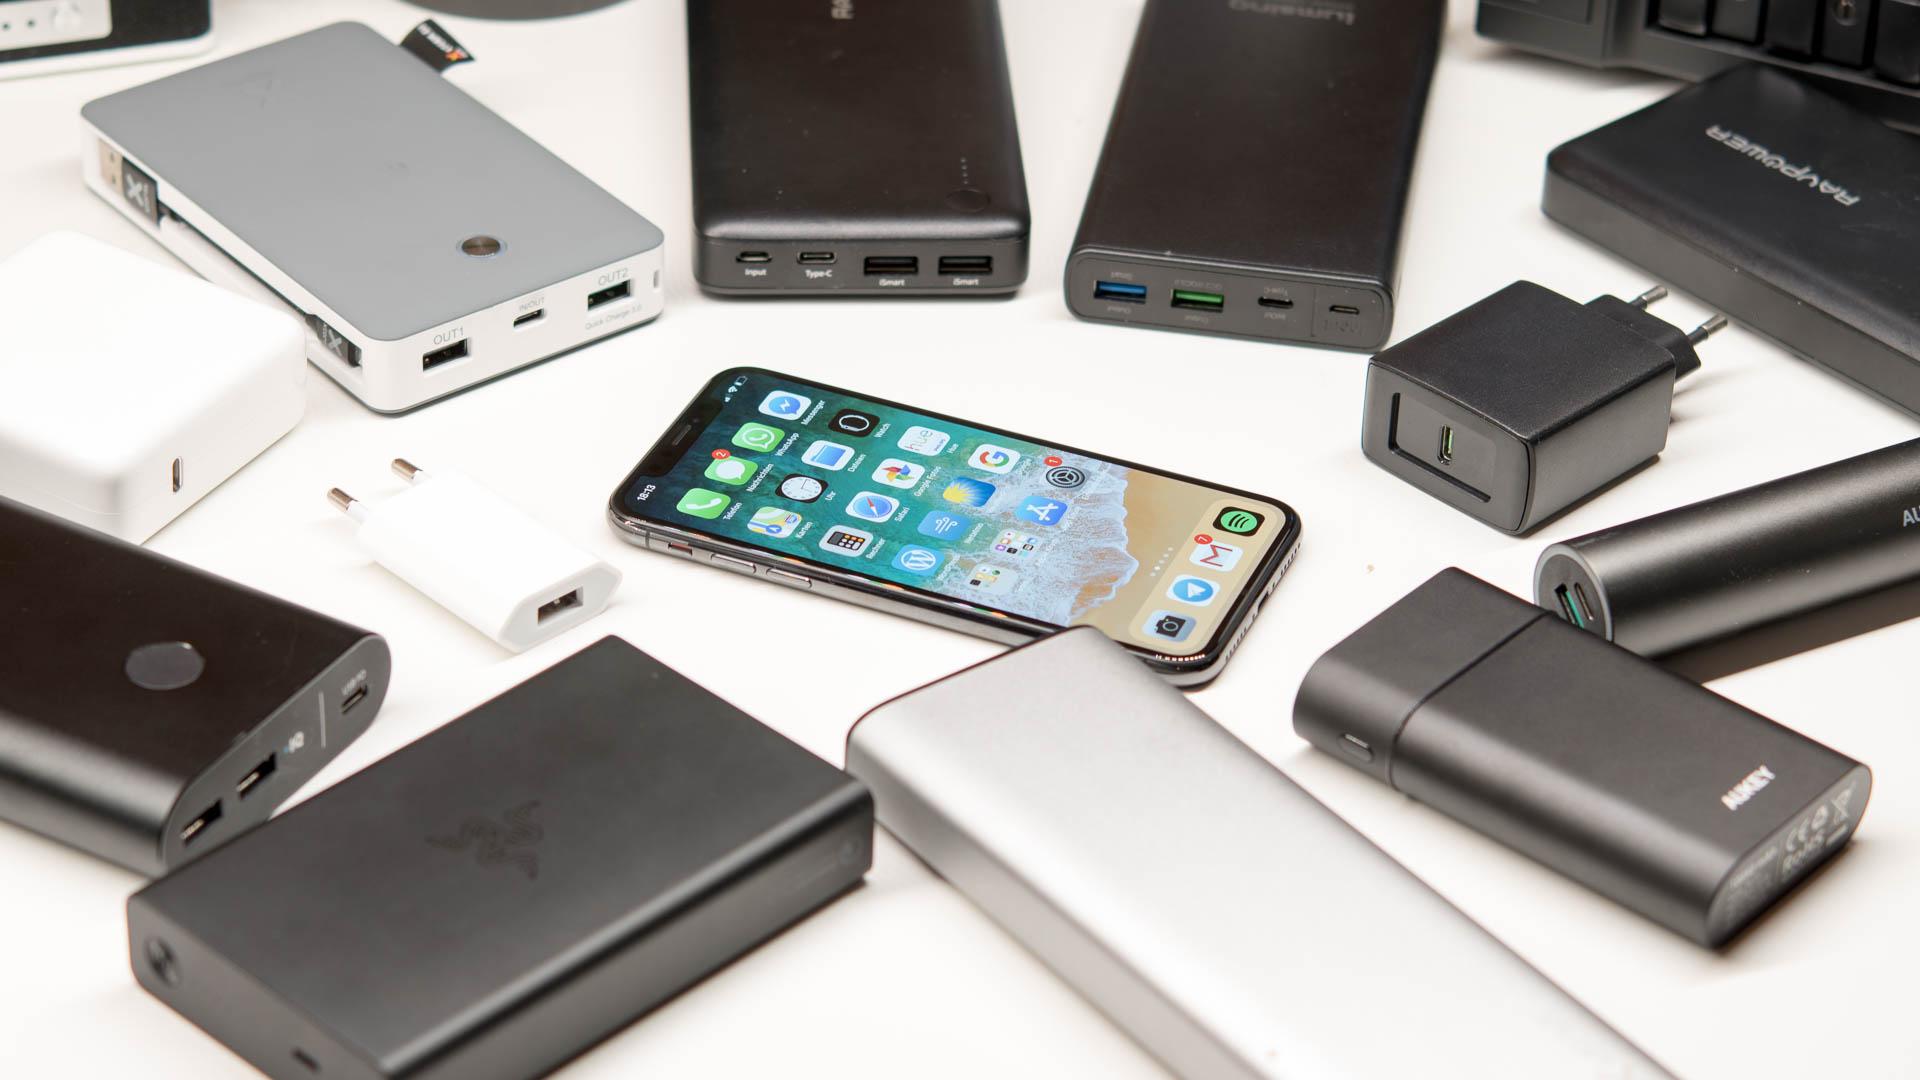 das apple iphone x schnellladen welche ladeger te und powerbanks eignen sich und worauf ist zu. Black Bedroom Furniture Sets. Home Design Ideas